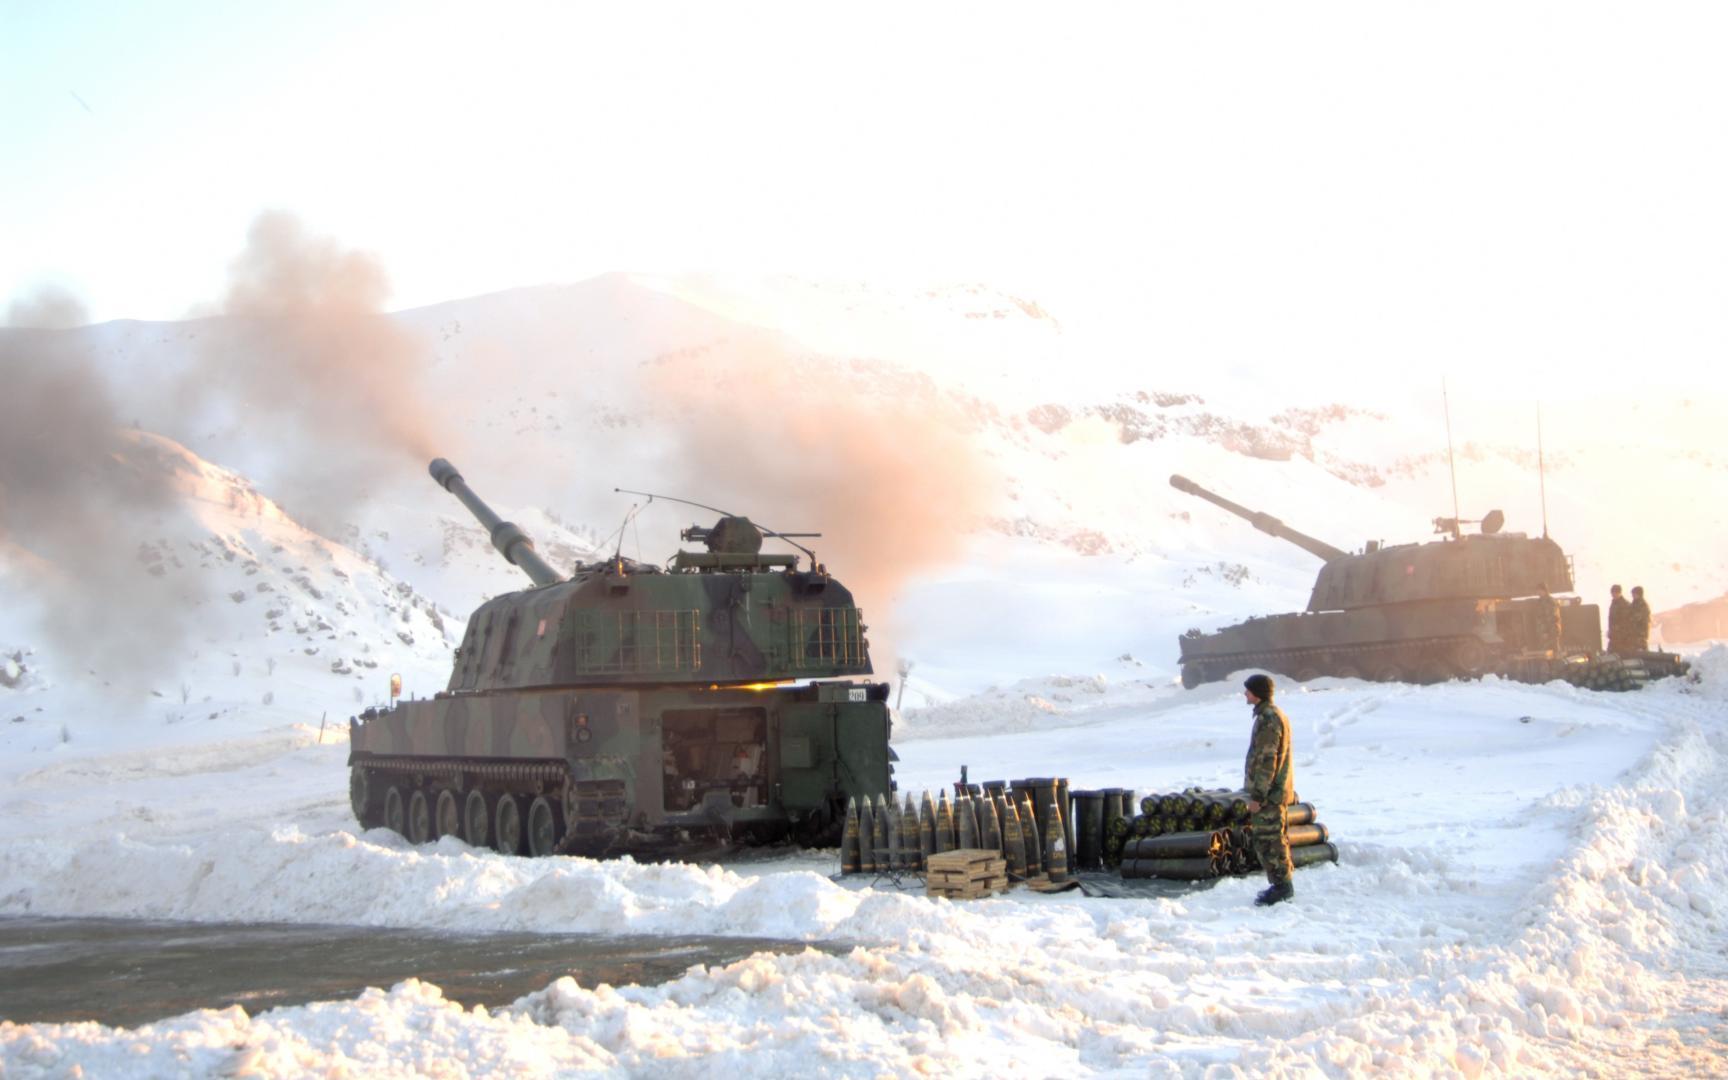 T-155 Fırtına și-a dovedit eficacitatea în luptele cu rebelii kurzi